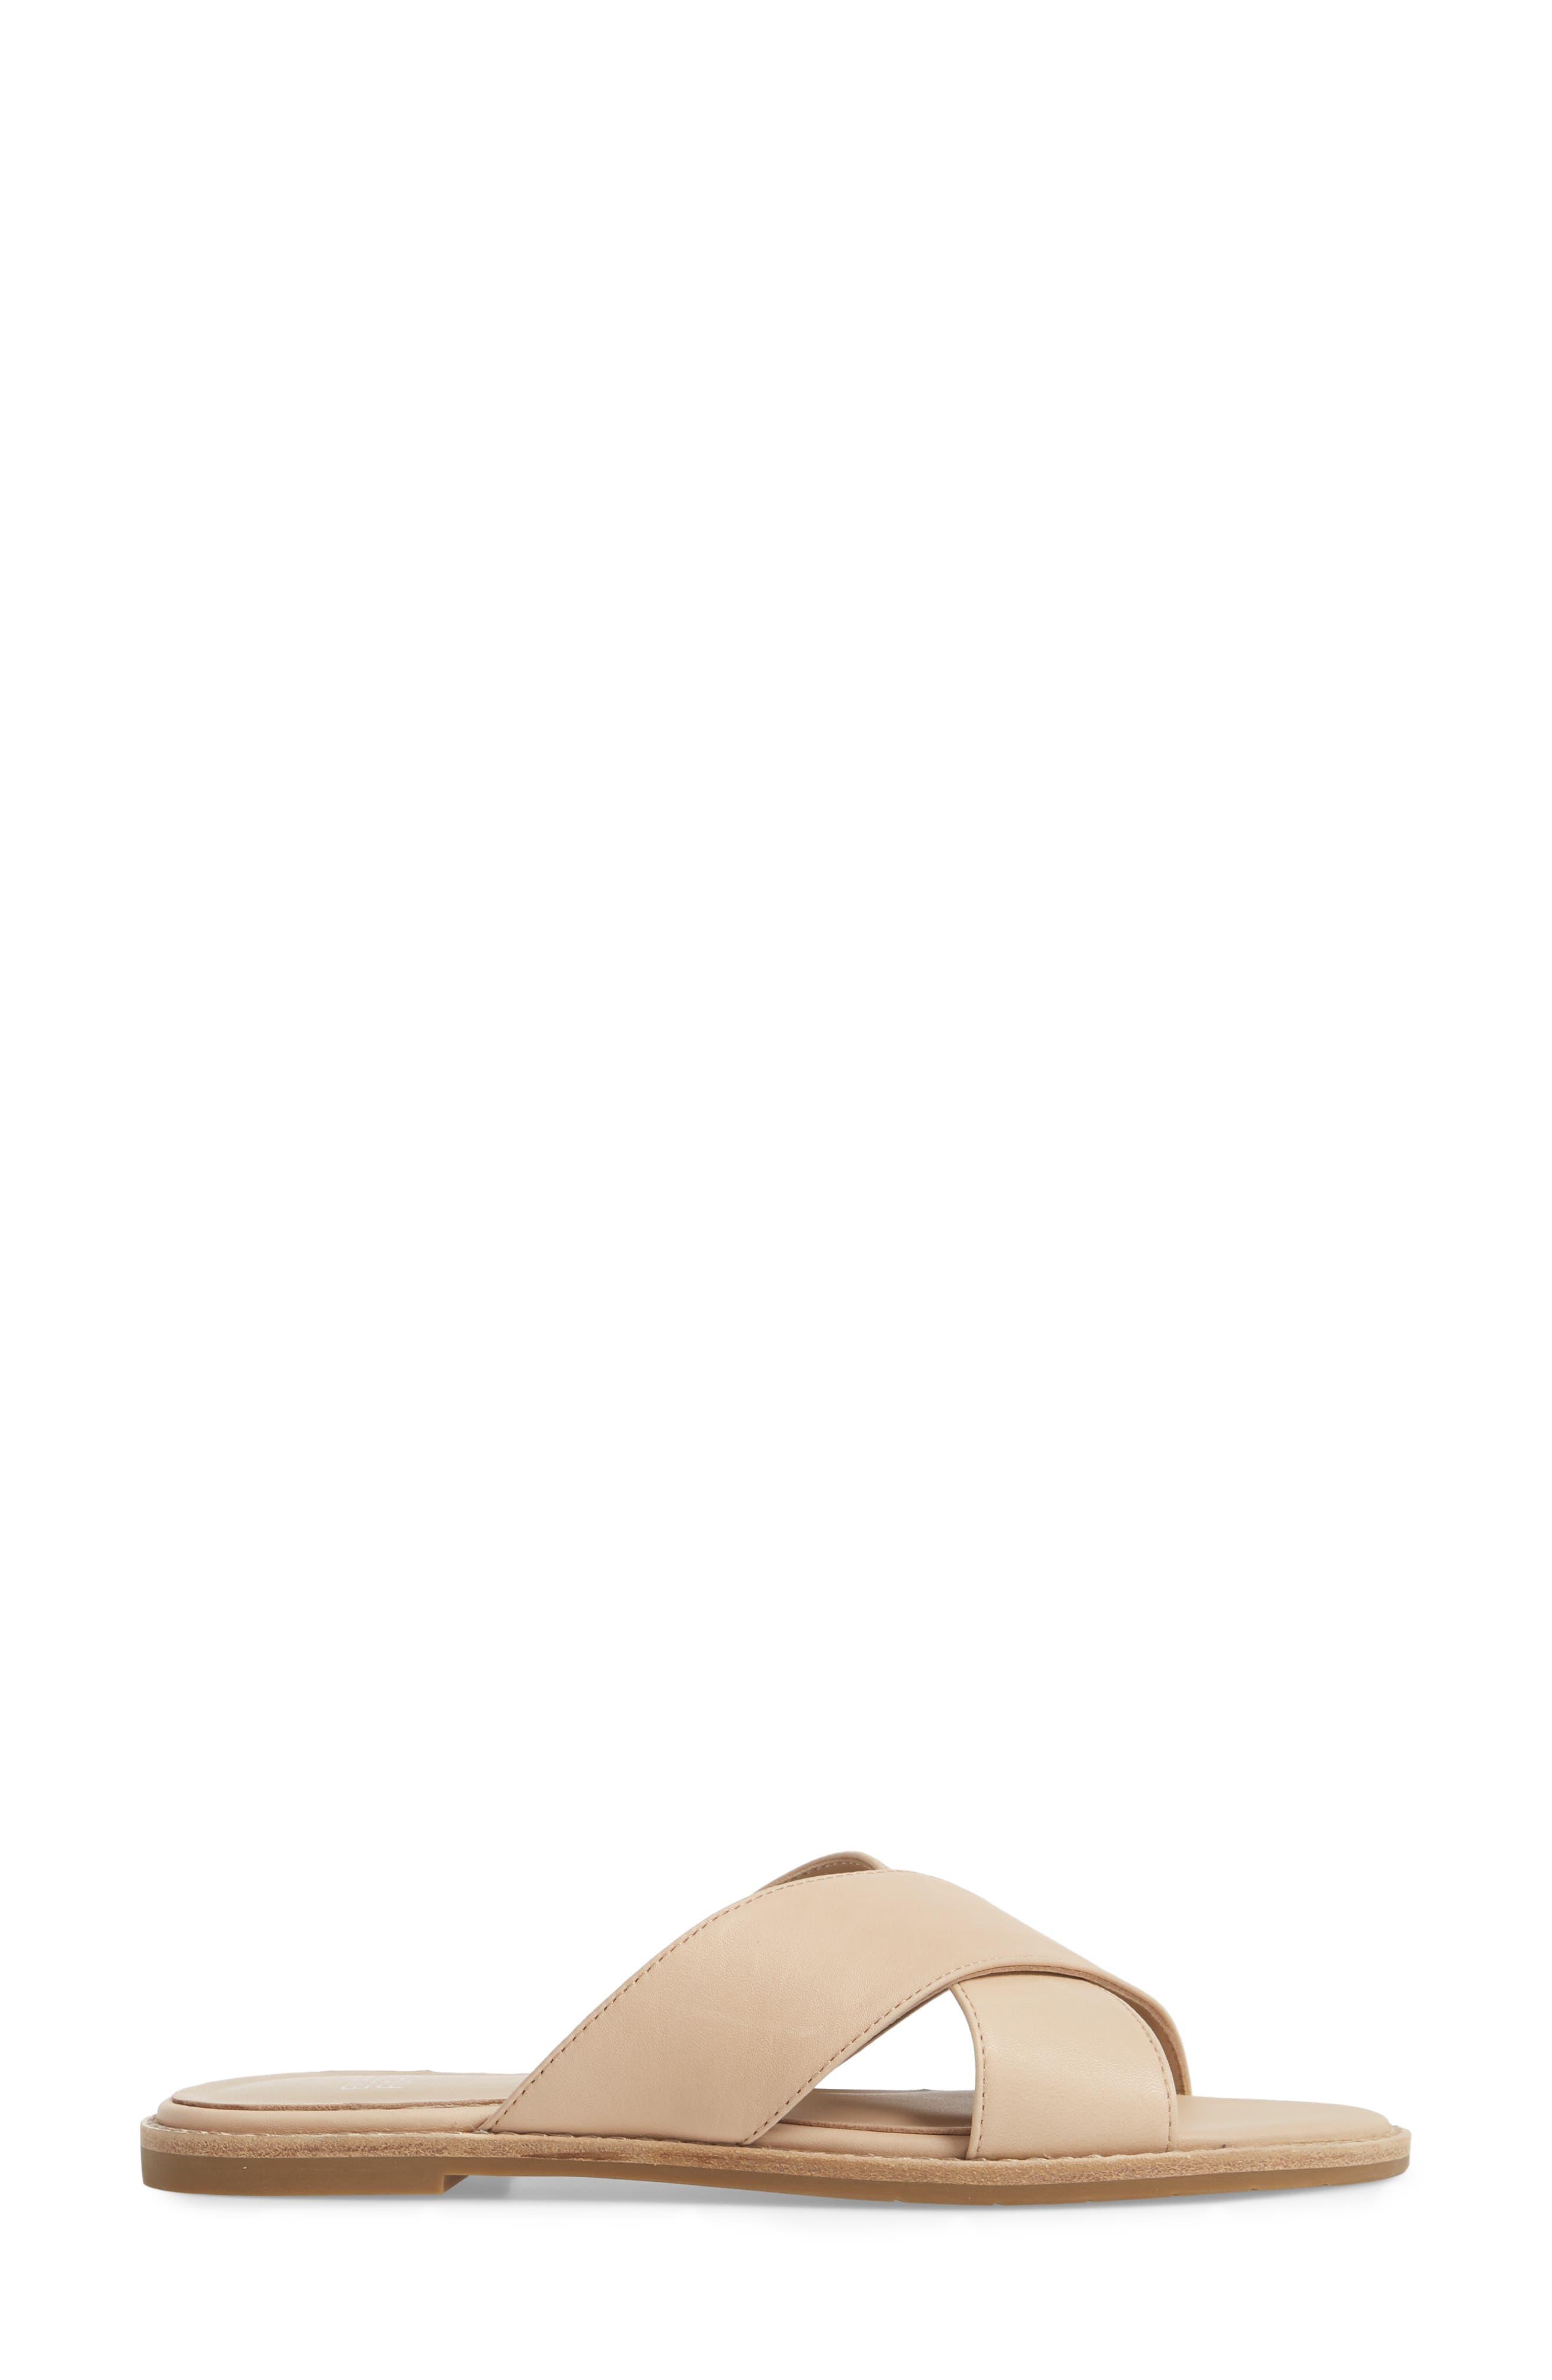 Cape Slide Sandal,                             Alternate thumbnail 3, color,                             Desert Leather